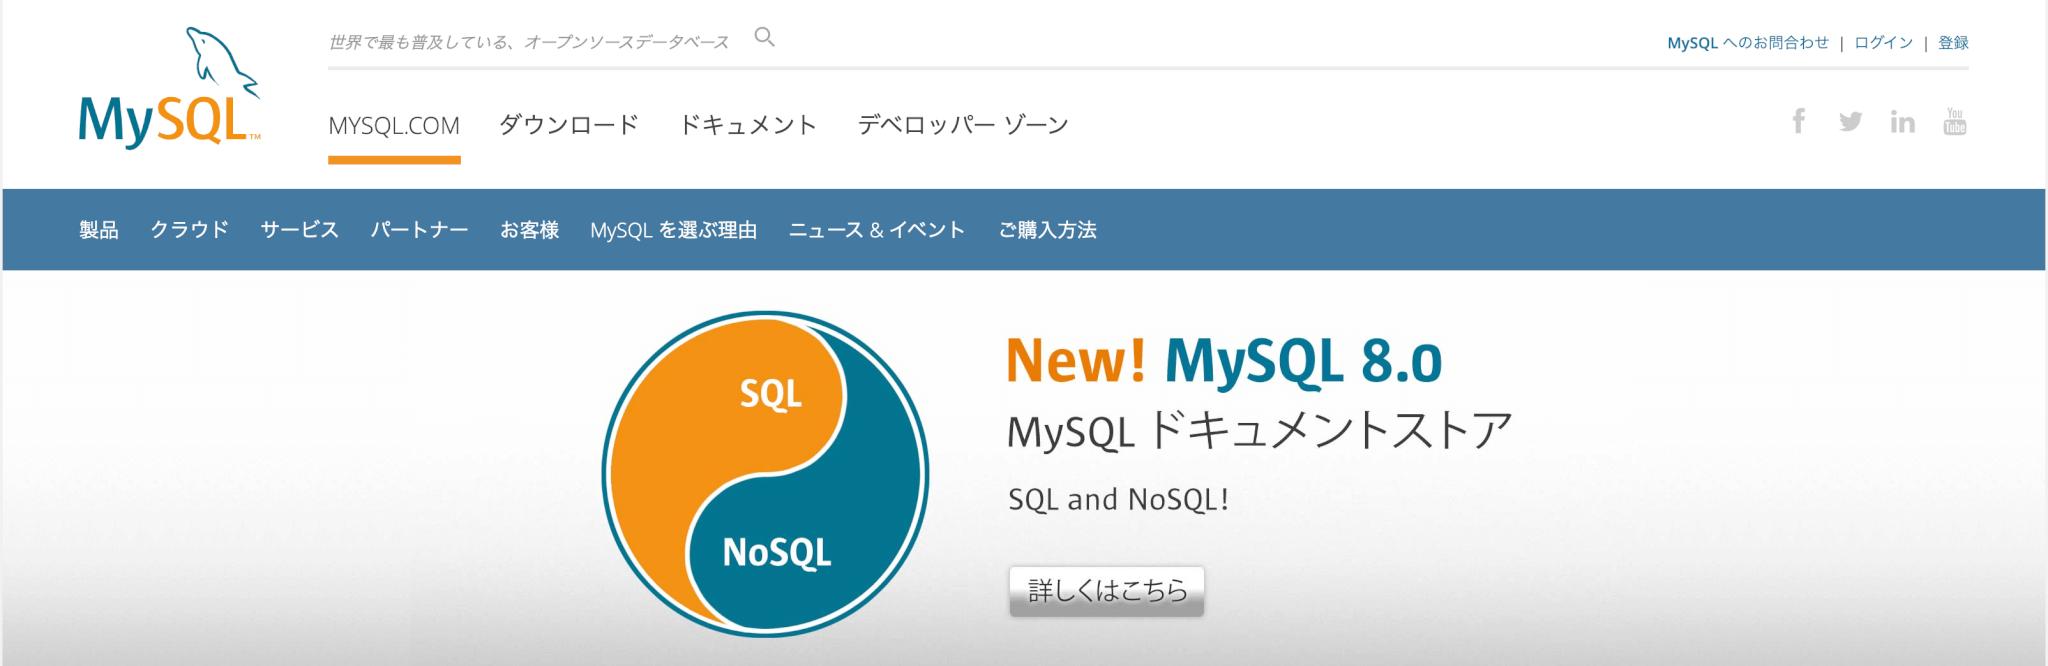 データベースとは SQL 入門 MySQL ホームページ画面